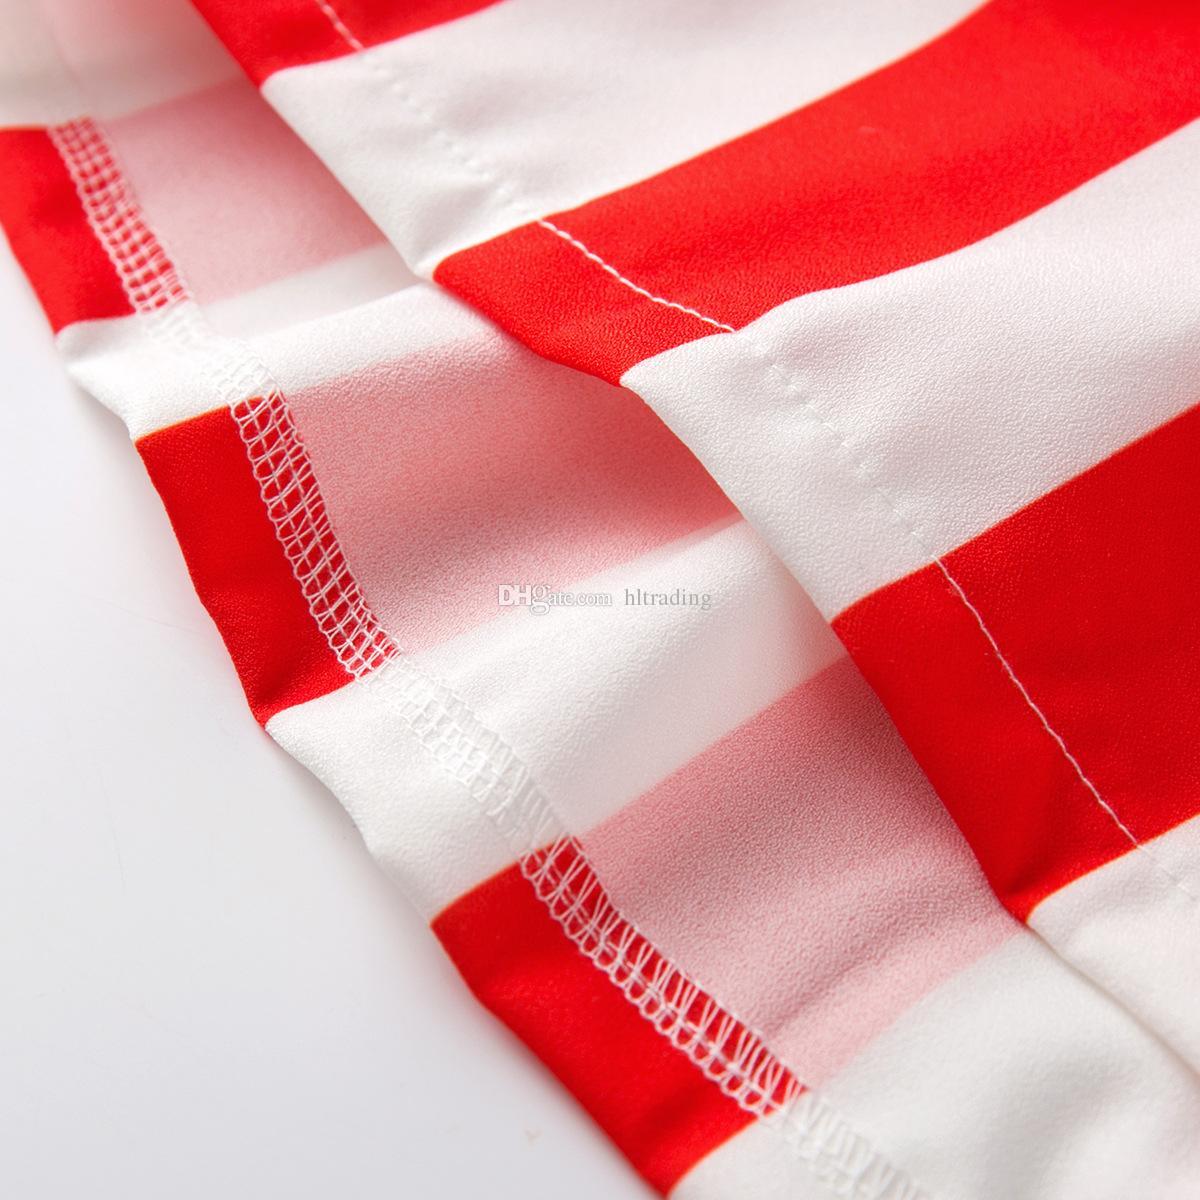 Meninas do bebê vestido de bandeira Americana 2018 verão 04 de julho Crianças suspensor Star stripes print princess dress Crianças Roupas frete grátis C4246